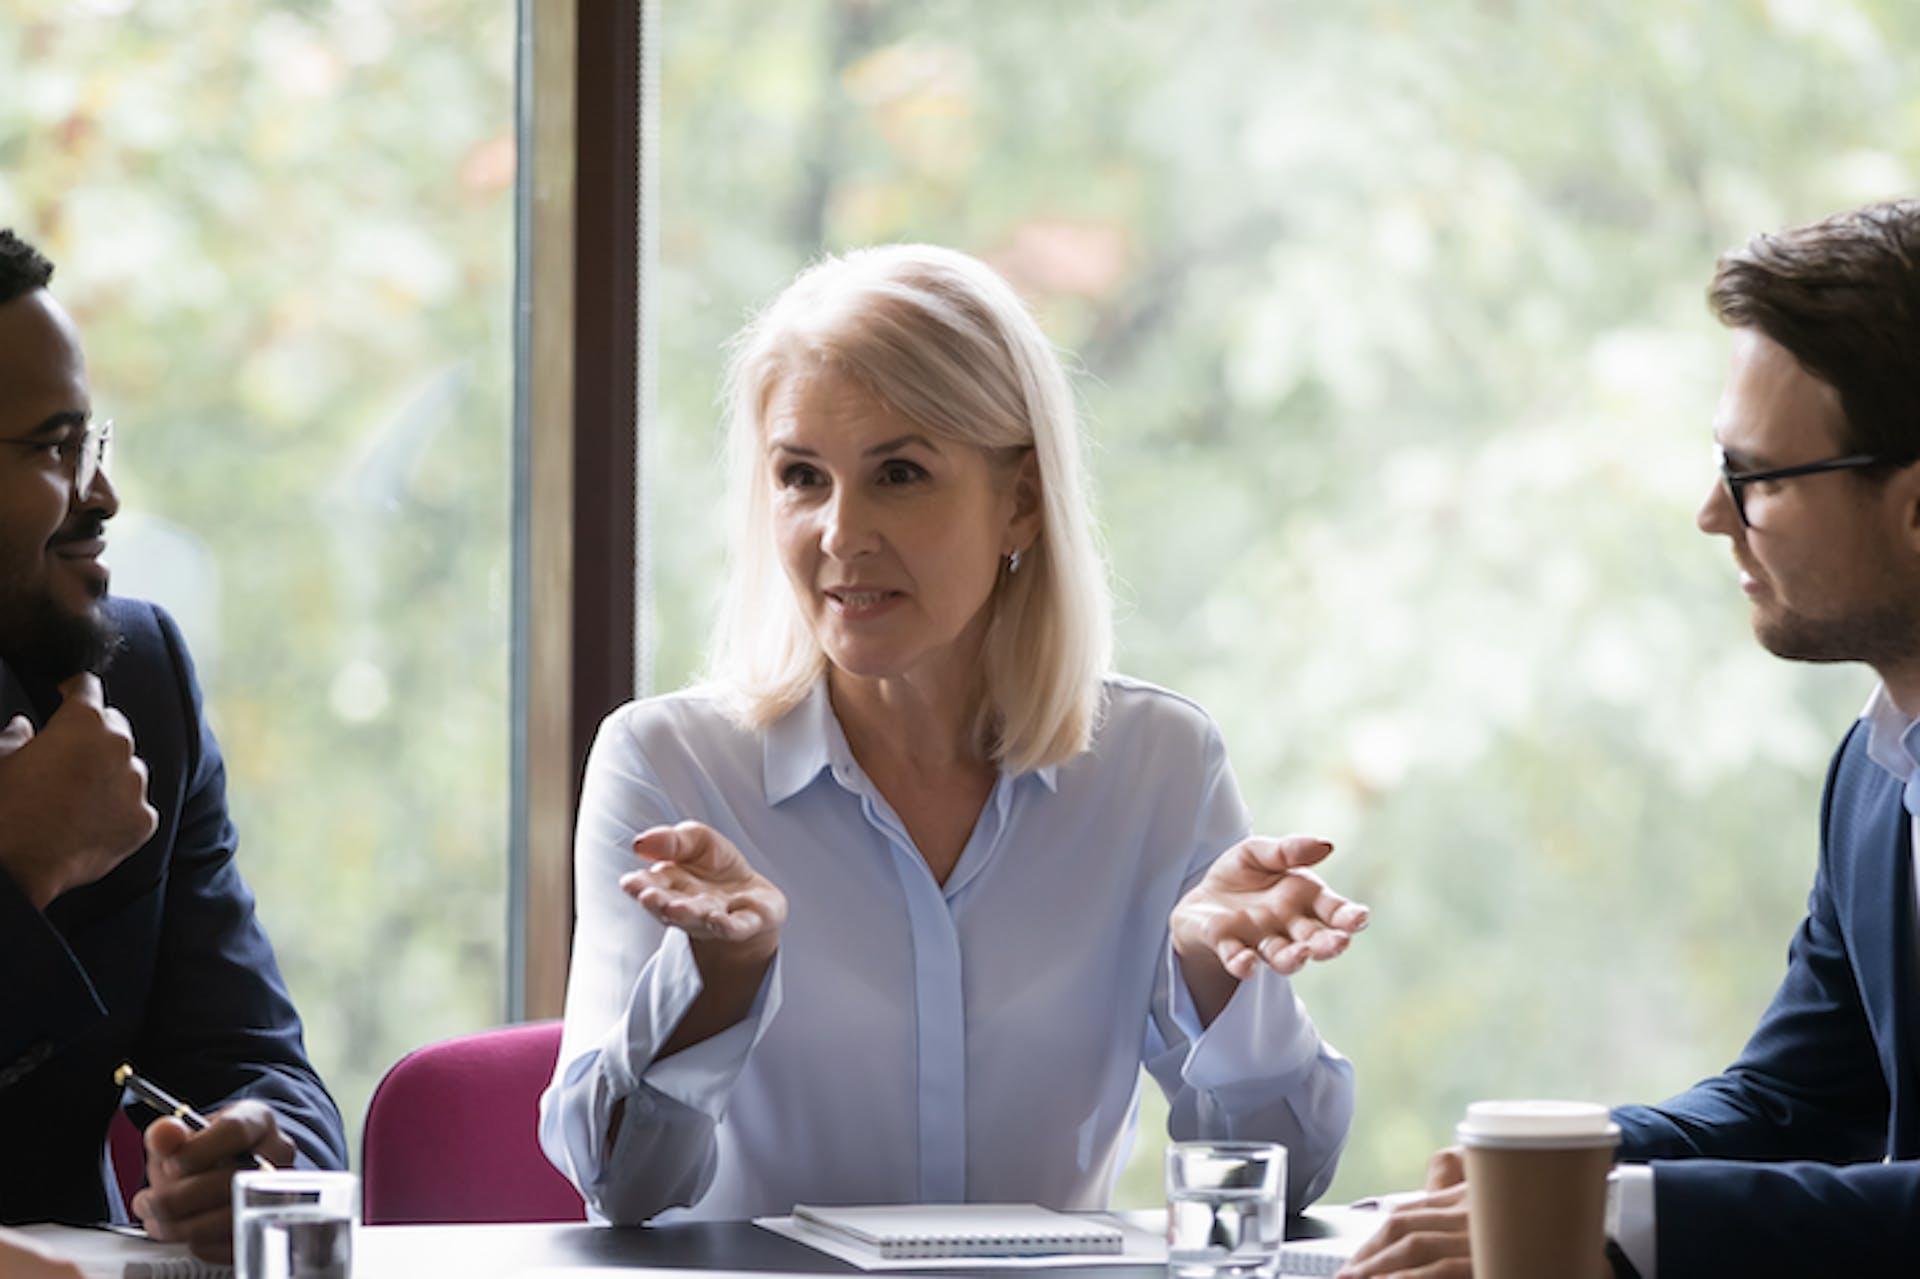 Geschäftsleute sitzen an einem Konferenztisch und diskutieren